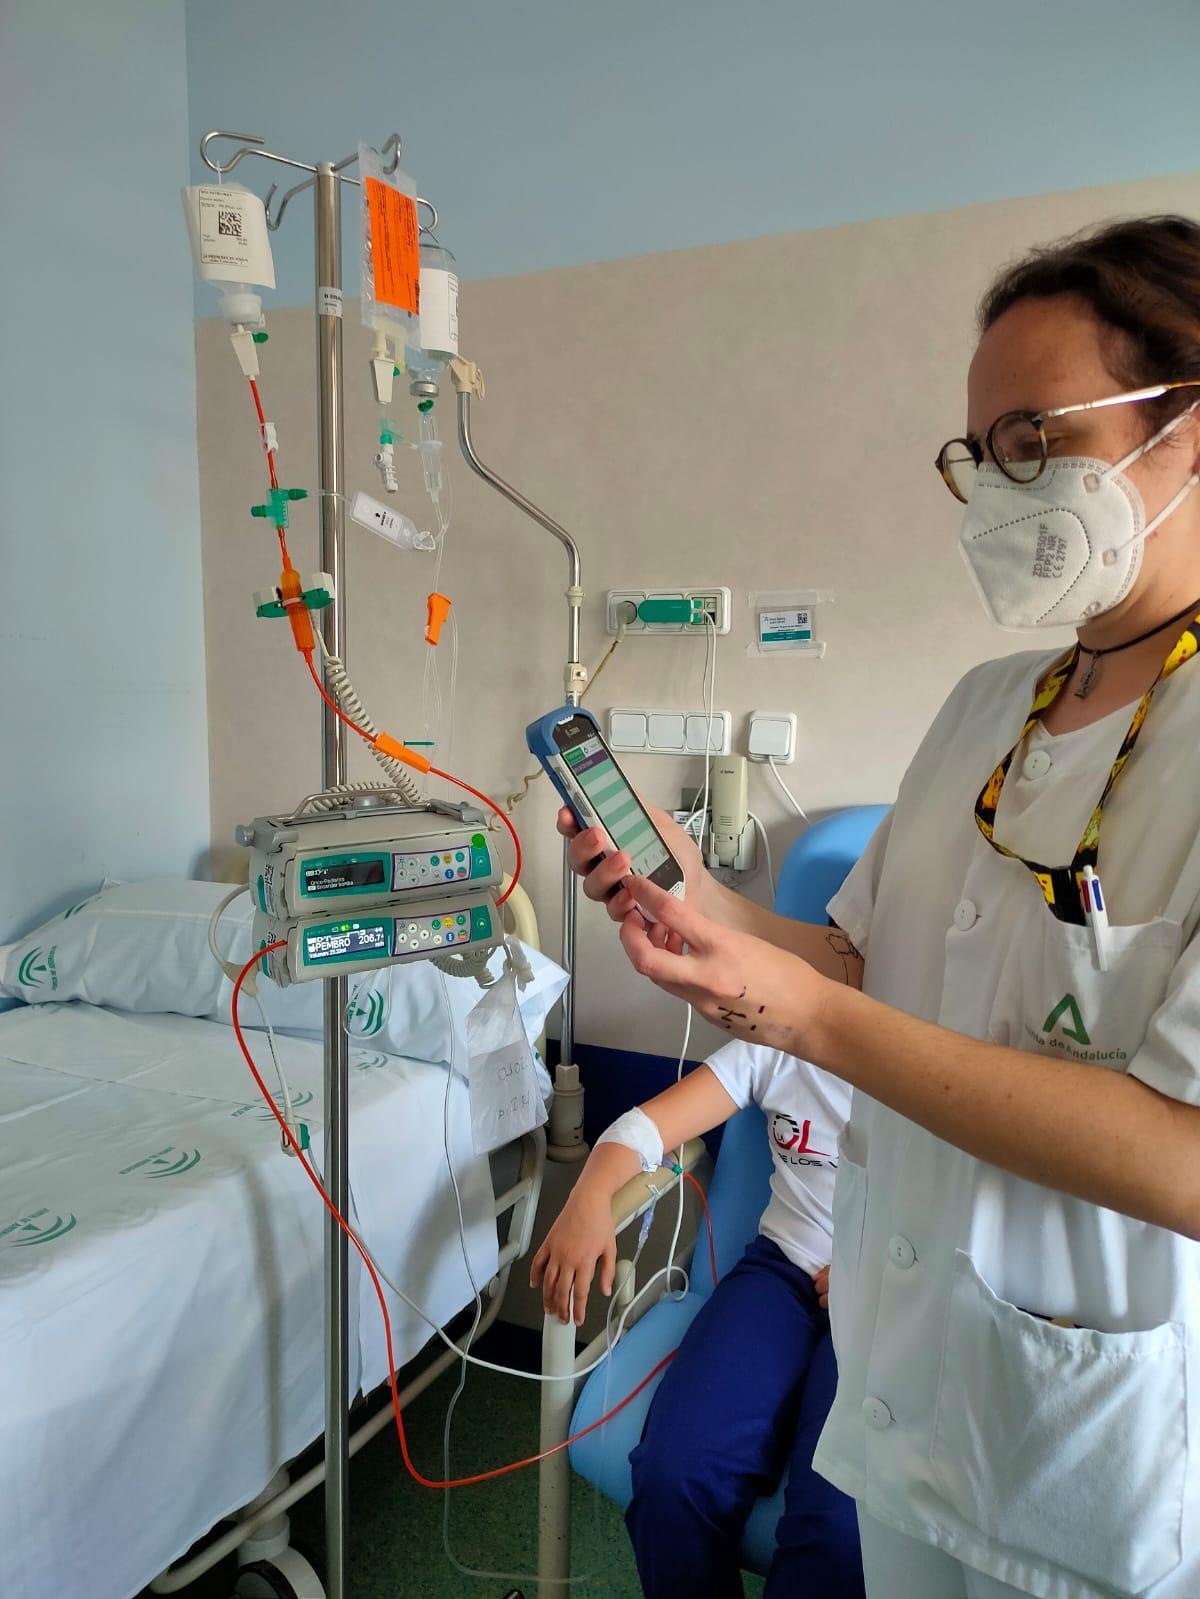 El Hospital Virgen de las Nieves administra quimioterapia a menores con un nuevo sistema más seguro